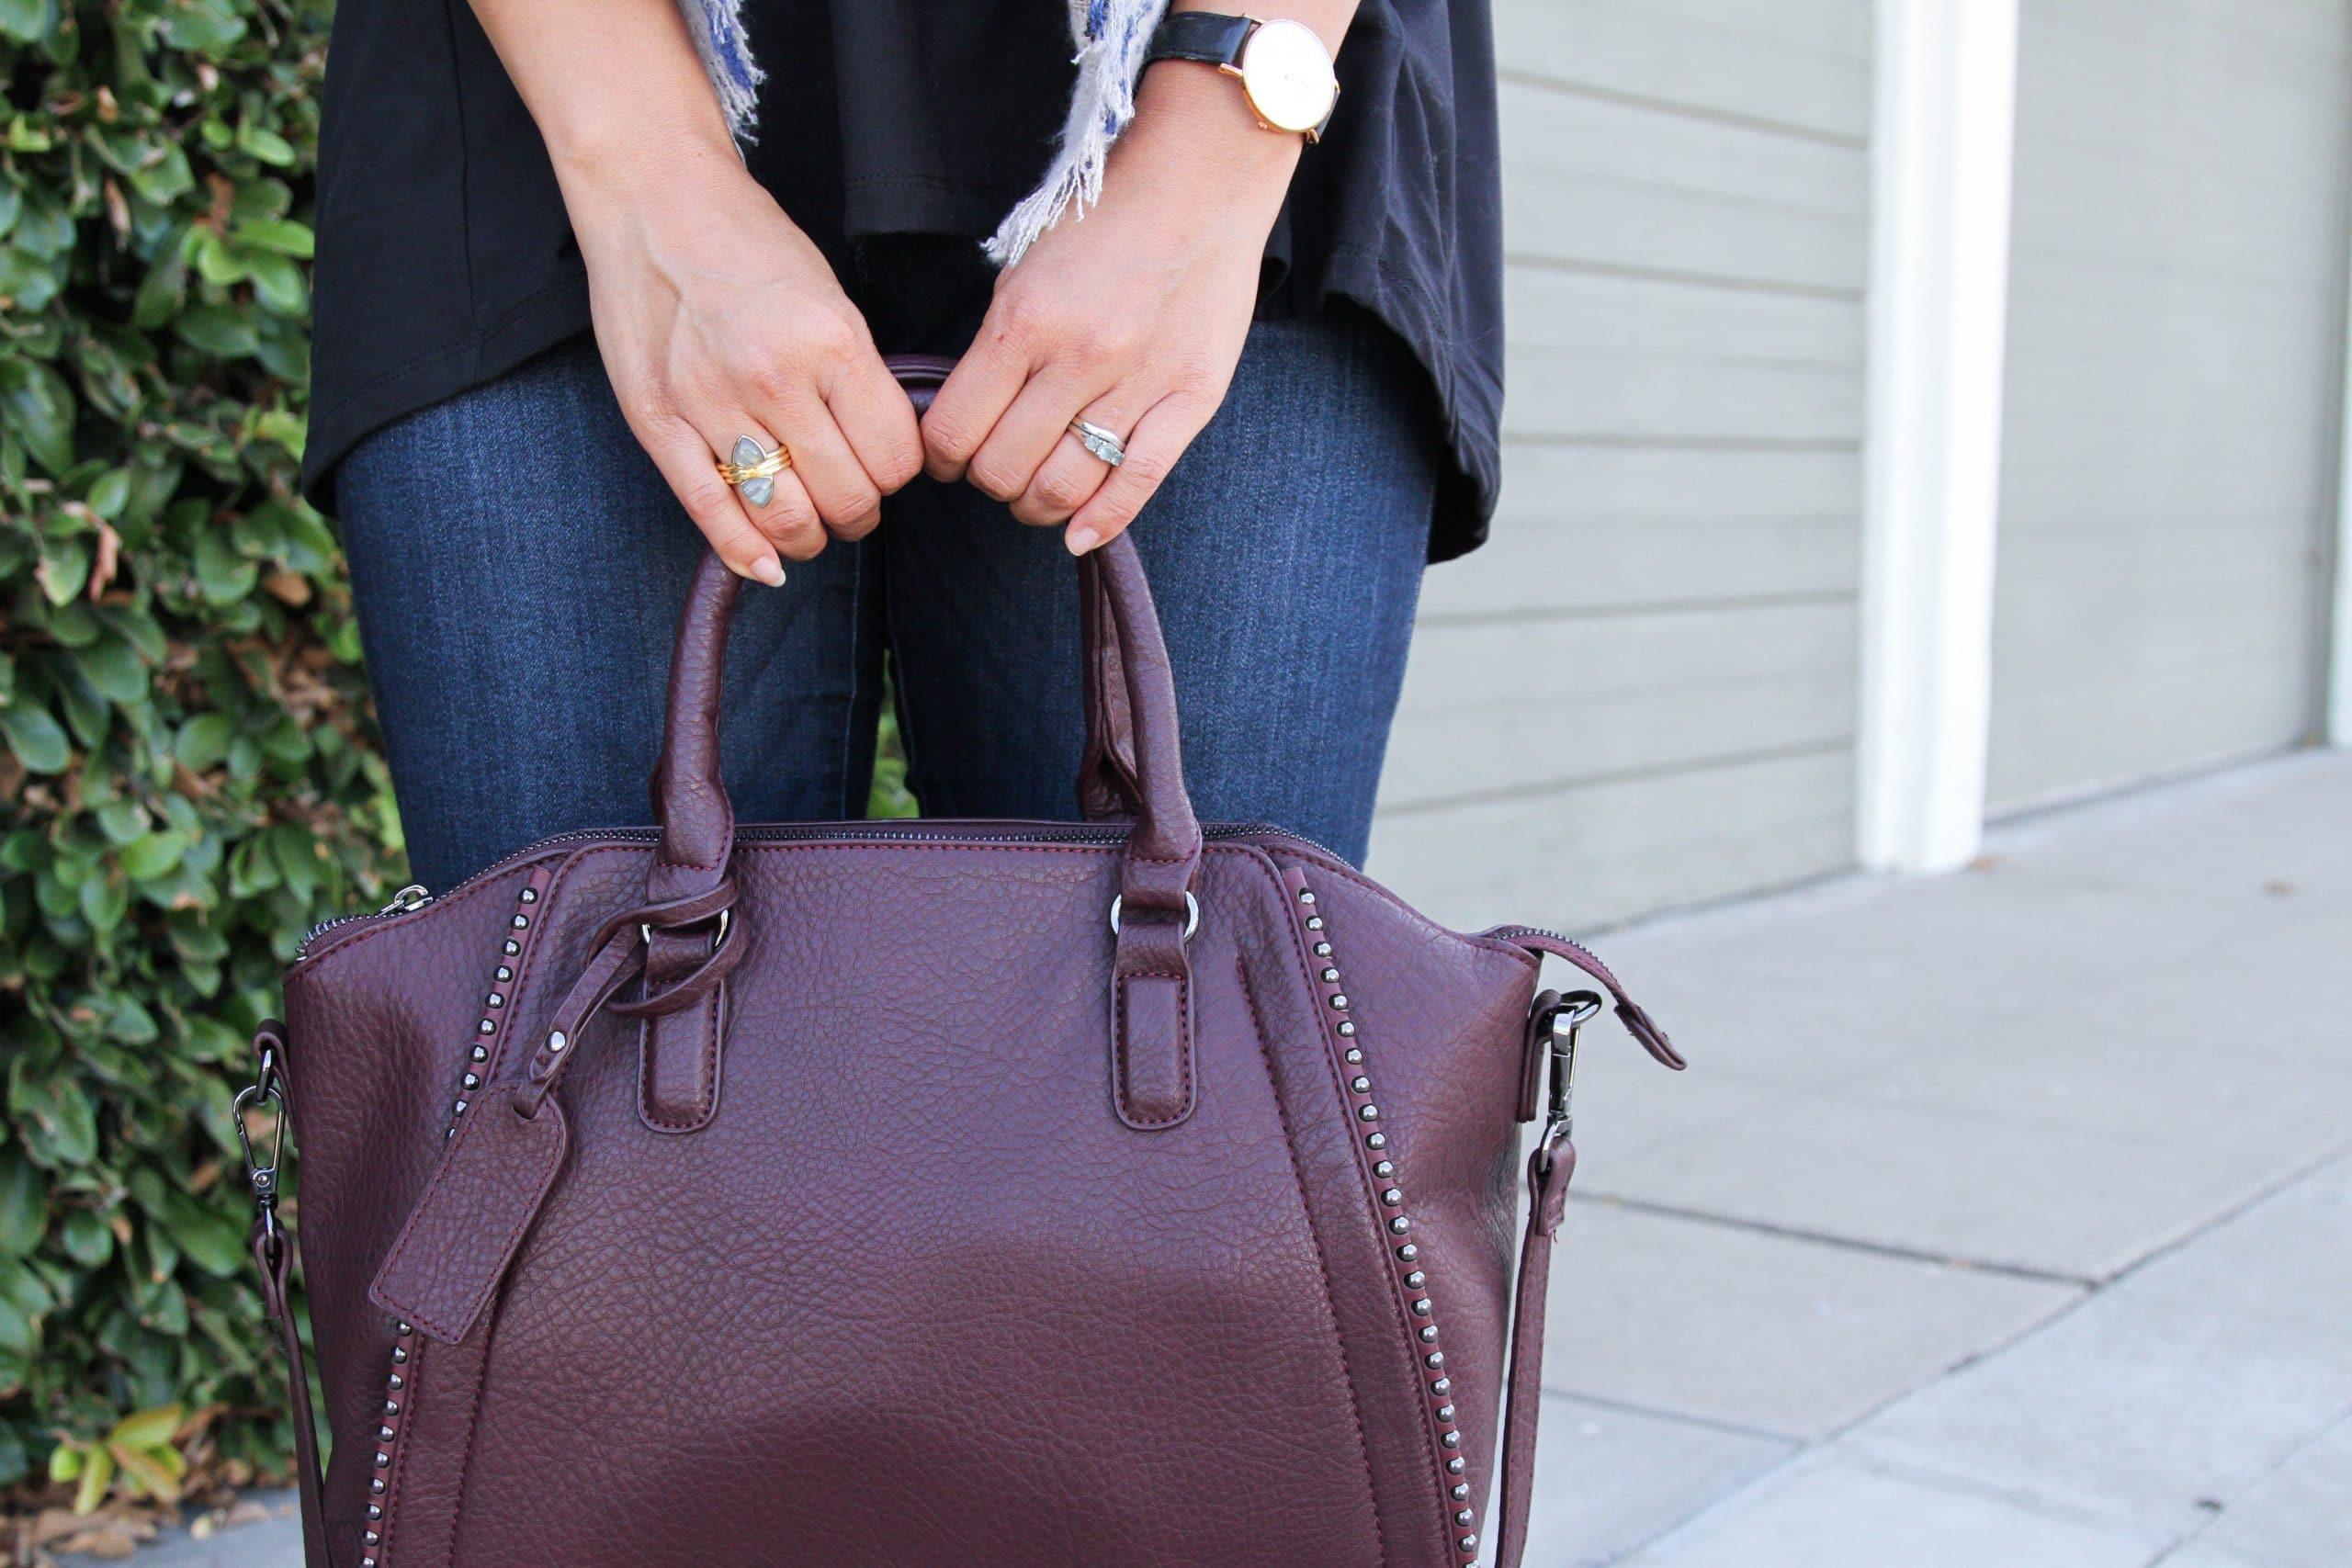 Merlot Bag + Rings + Black Top + Watch